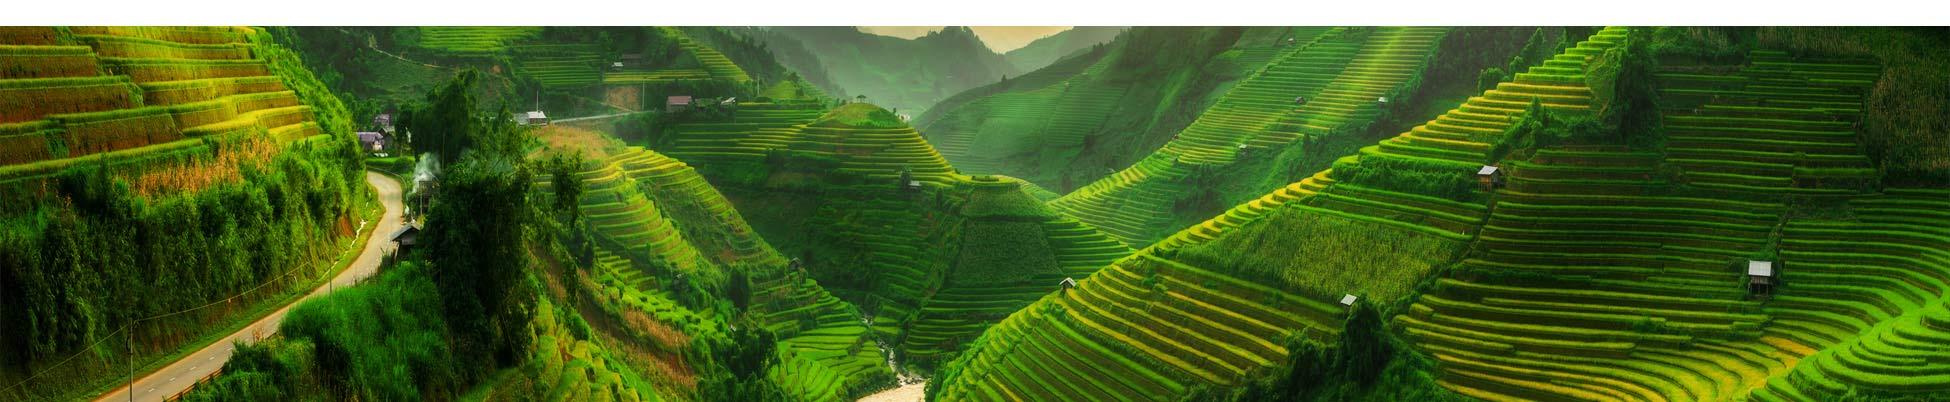 riziere-sapa-vietnam-treks